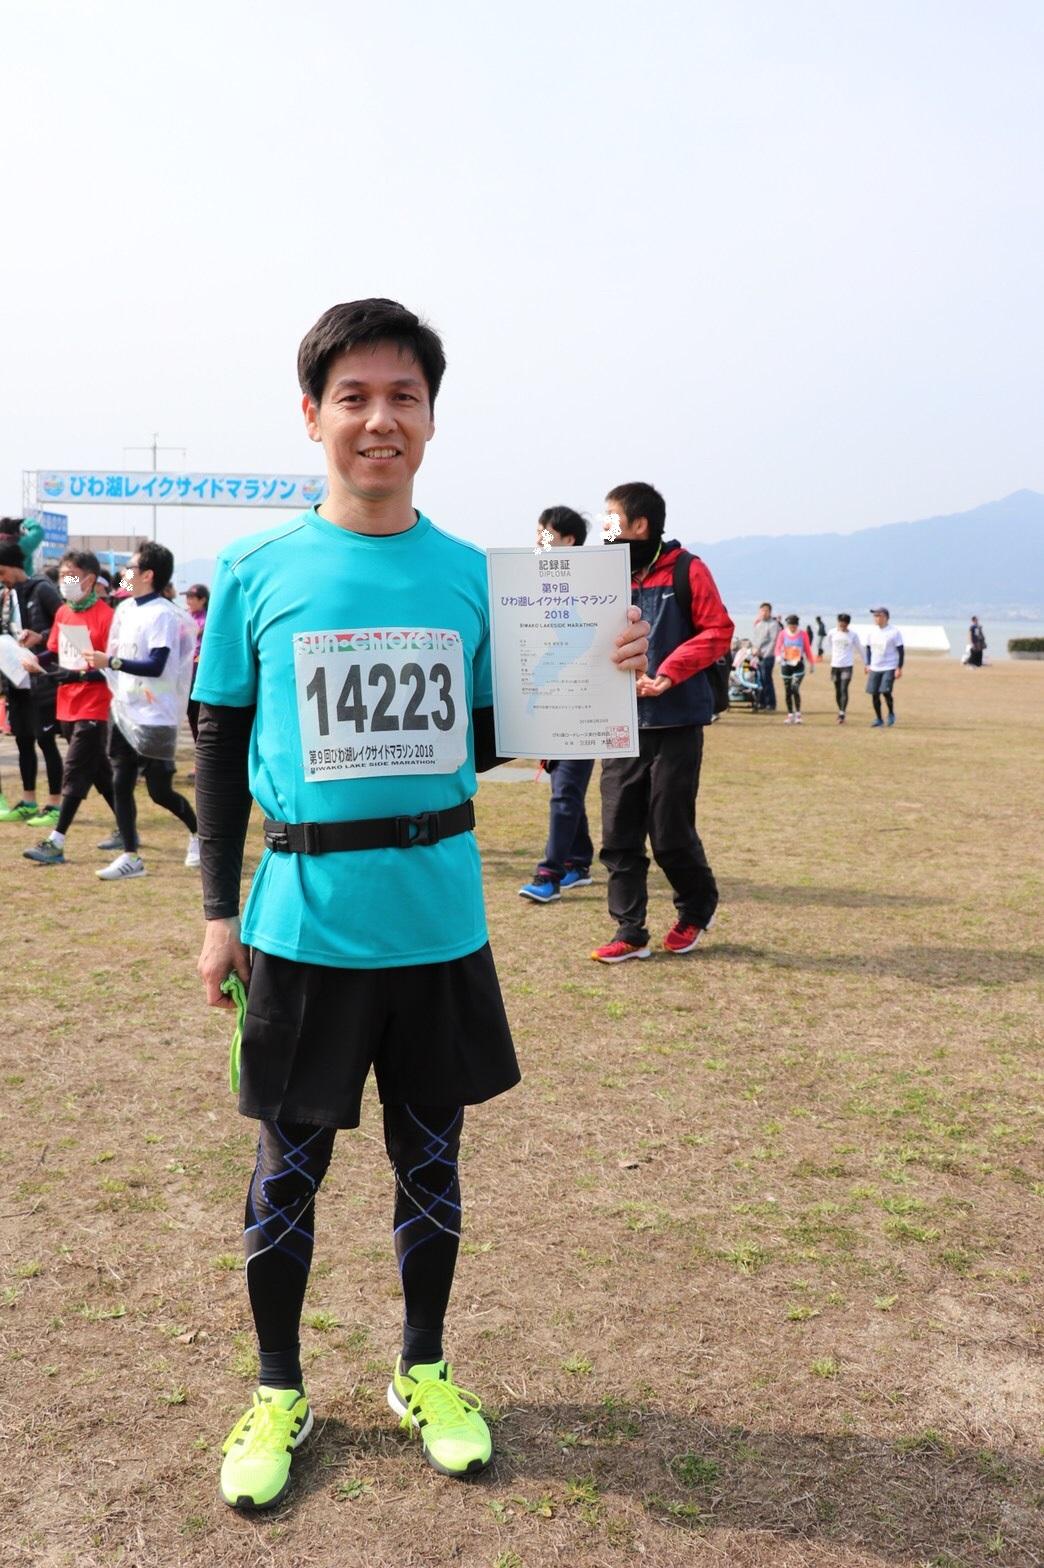 先生 マラソンで笑顔!のイメージ